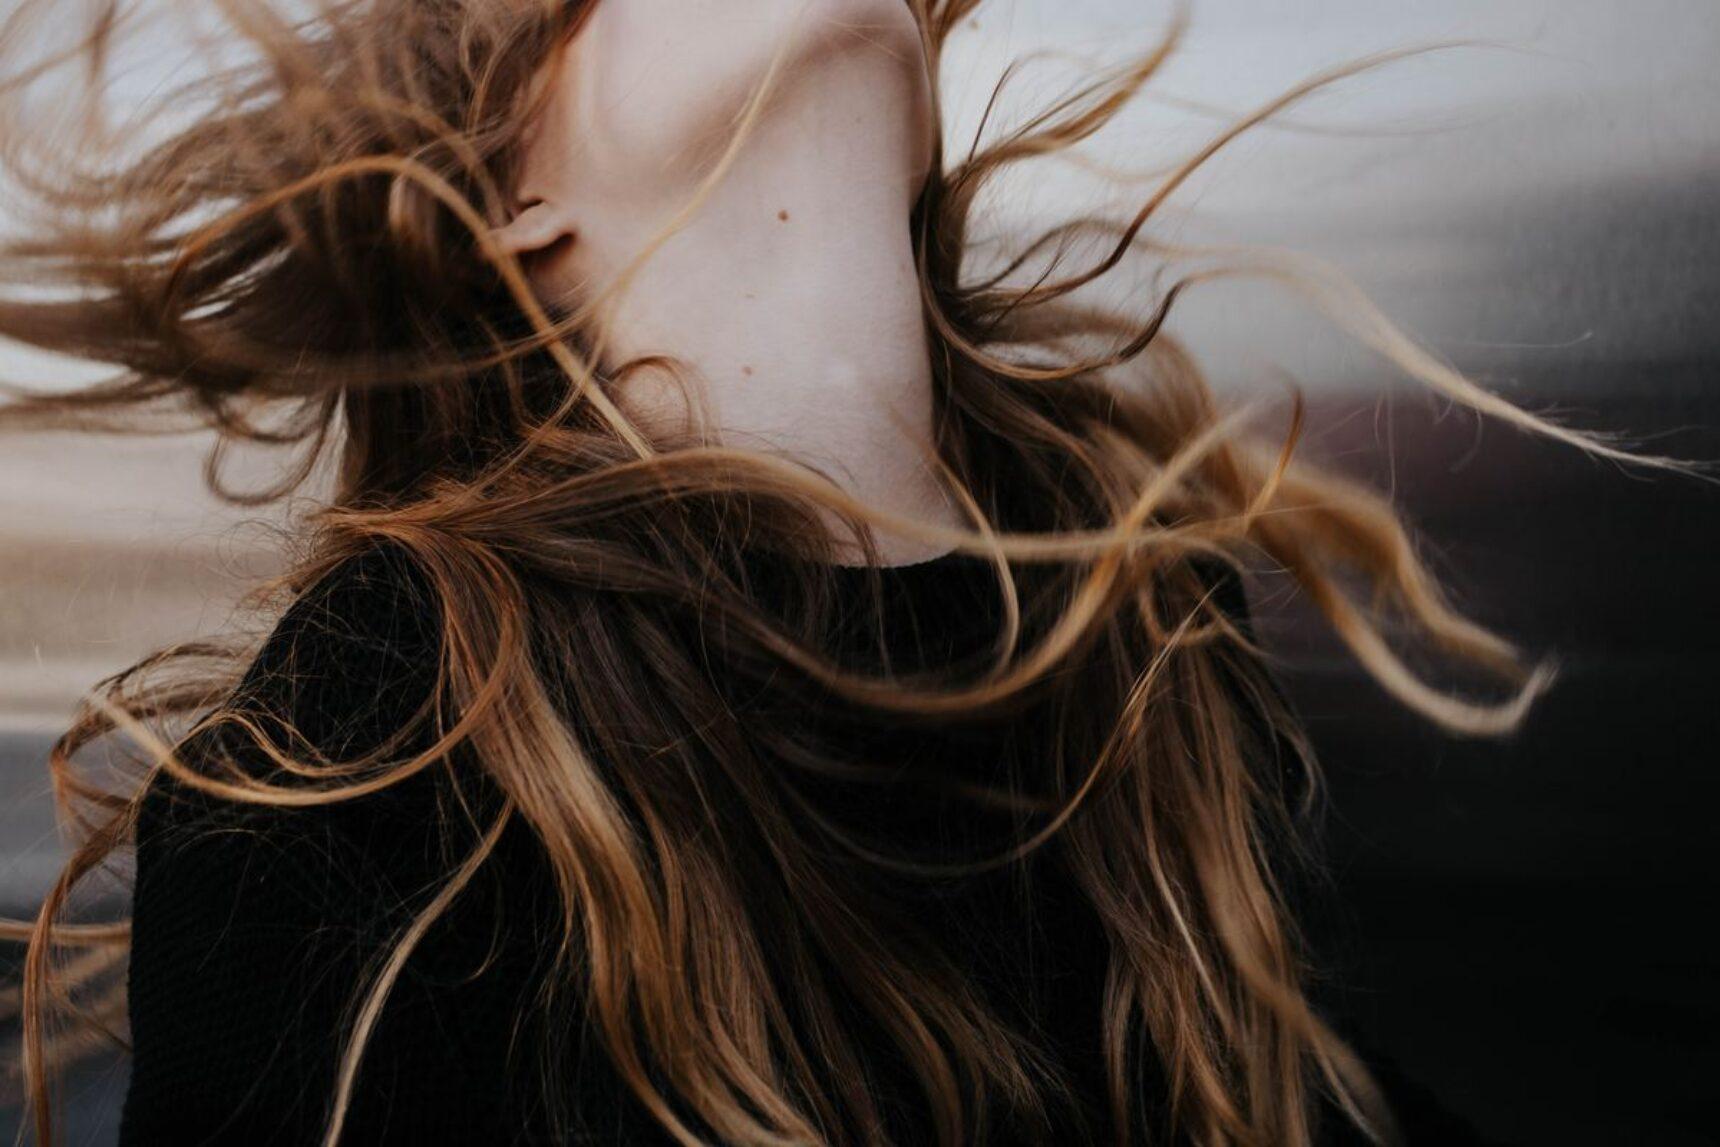 Rodzaje włosów i ich pielęgnacja – sprawdź, co zrobić, aby włosy były piękne i zdrowe!